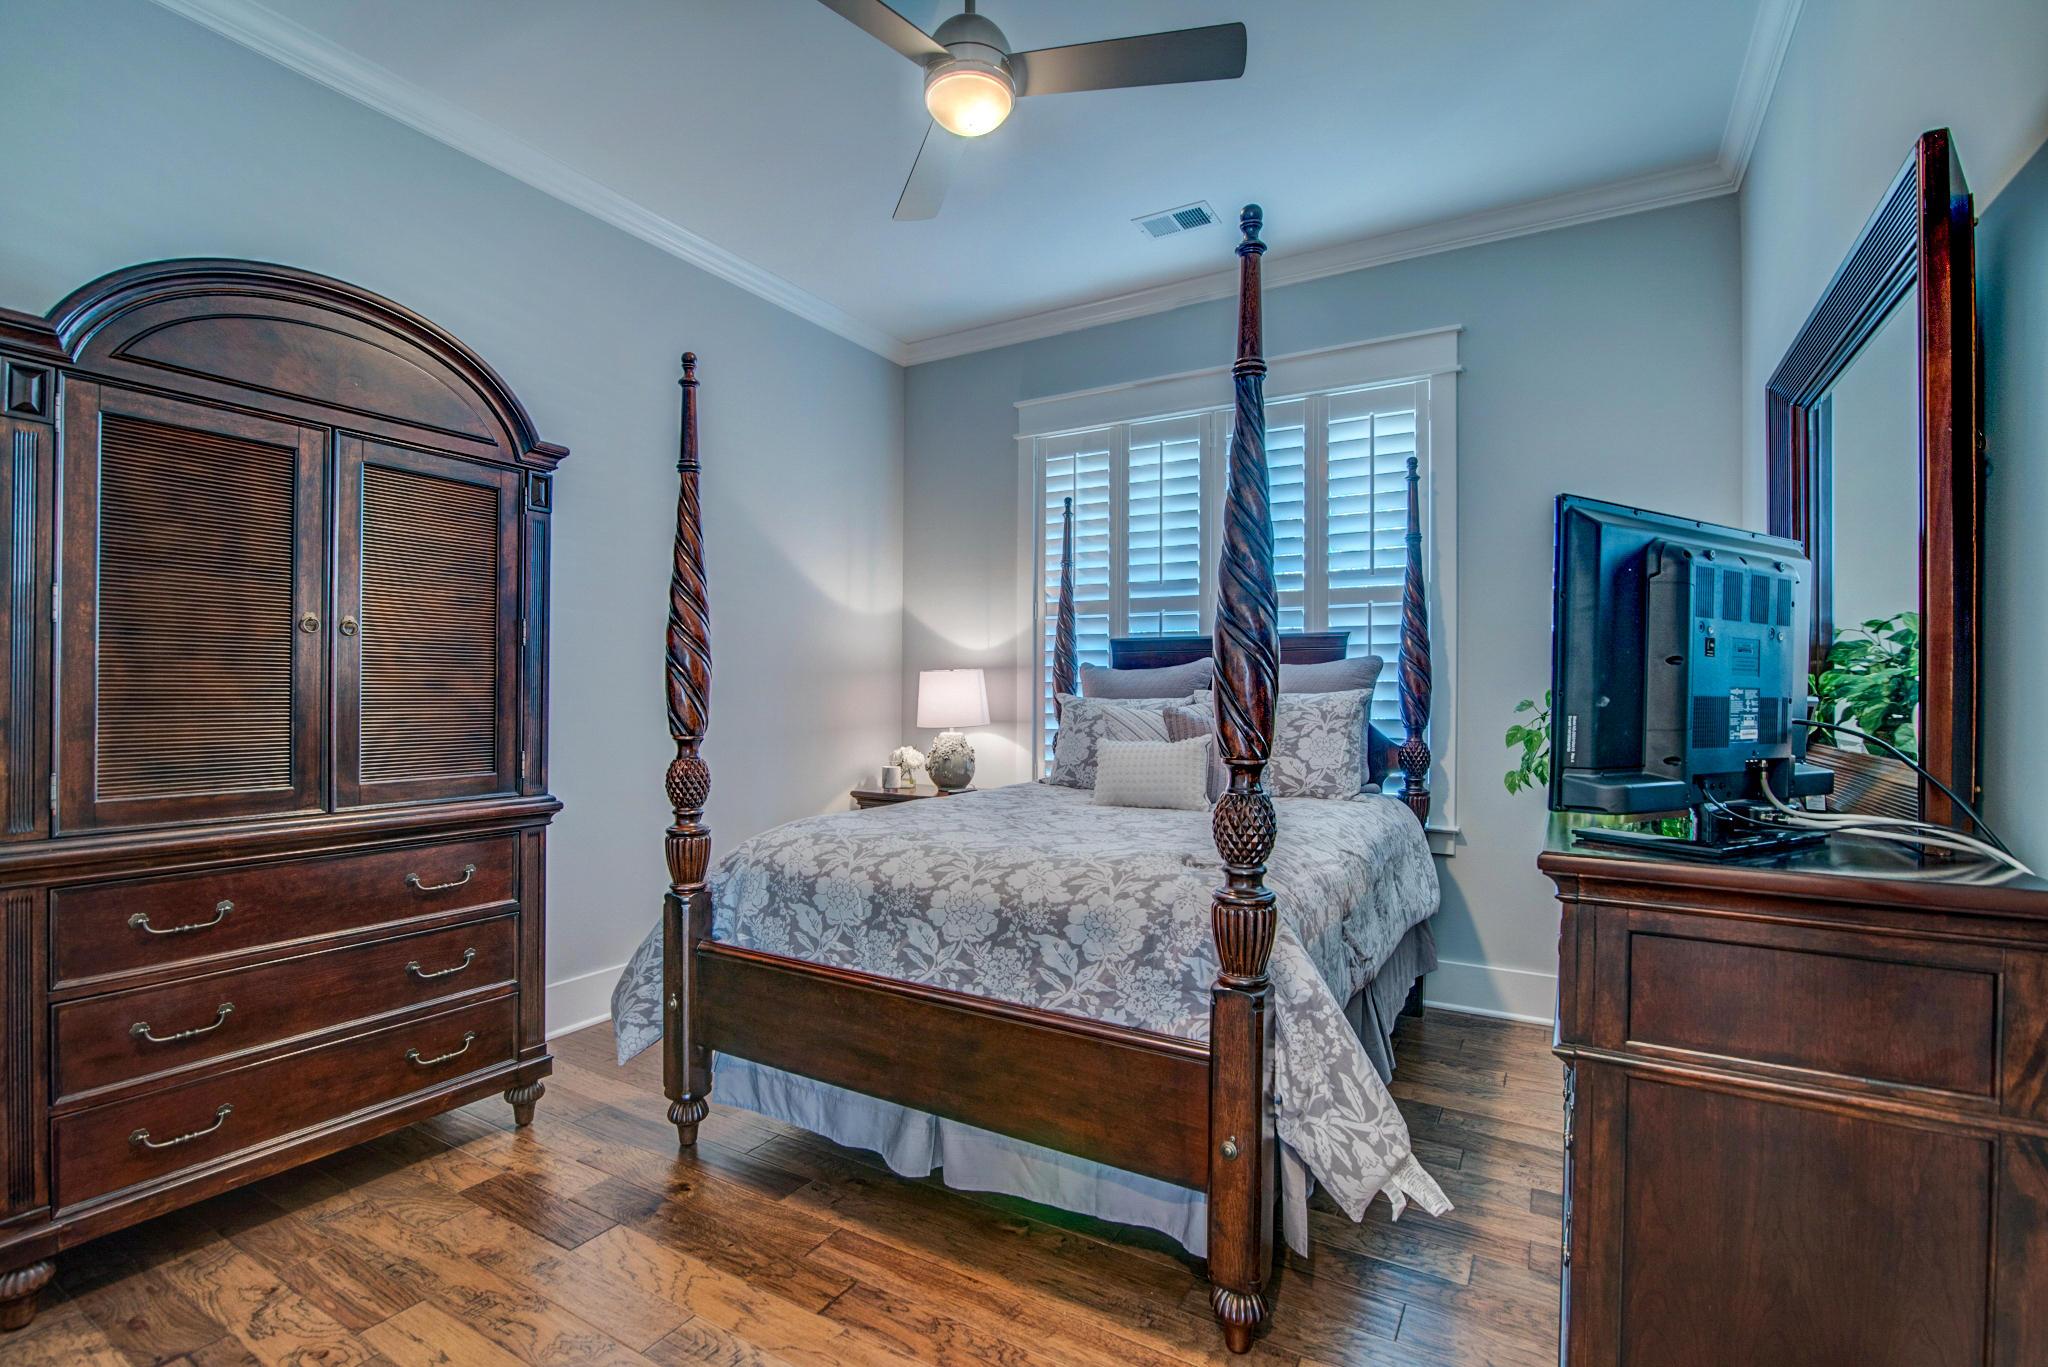 Dunes West Homes For Sale - 2883 River Vista, Mount Pleasant, SC - 31